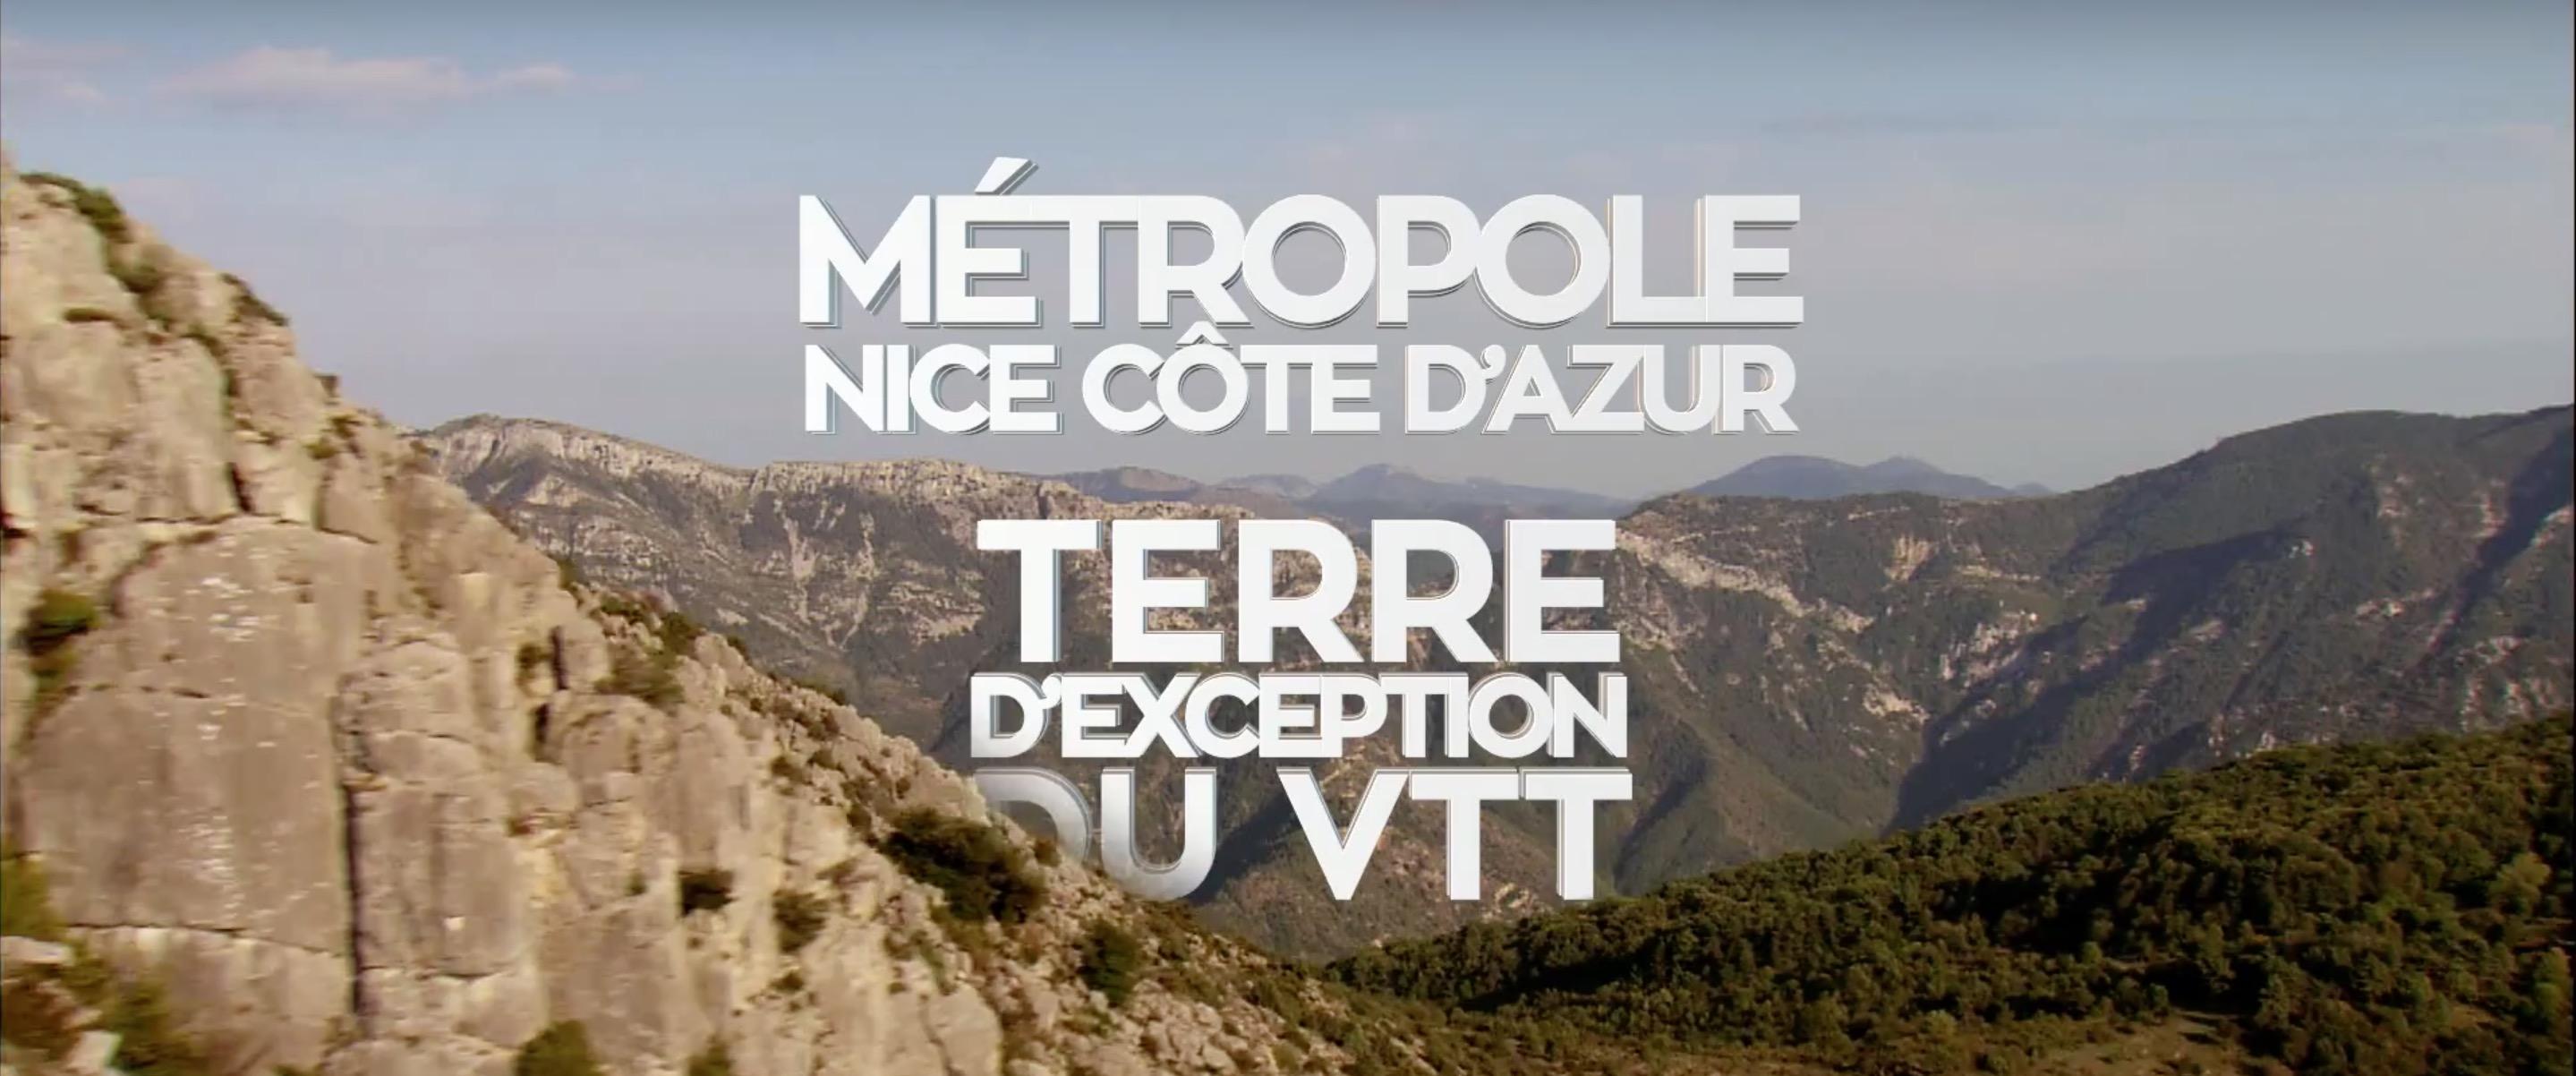 Vidéo / La Métropole Nice Côte d'Azur, terre de VTT